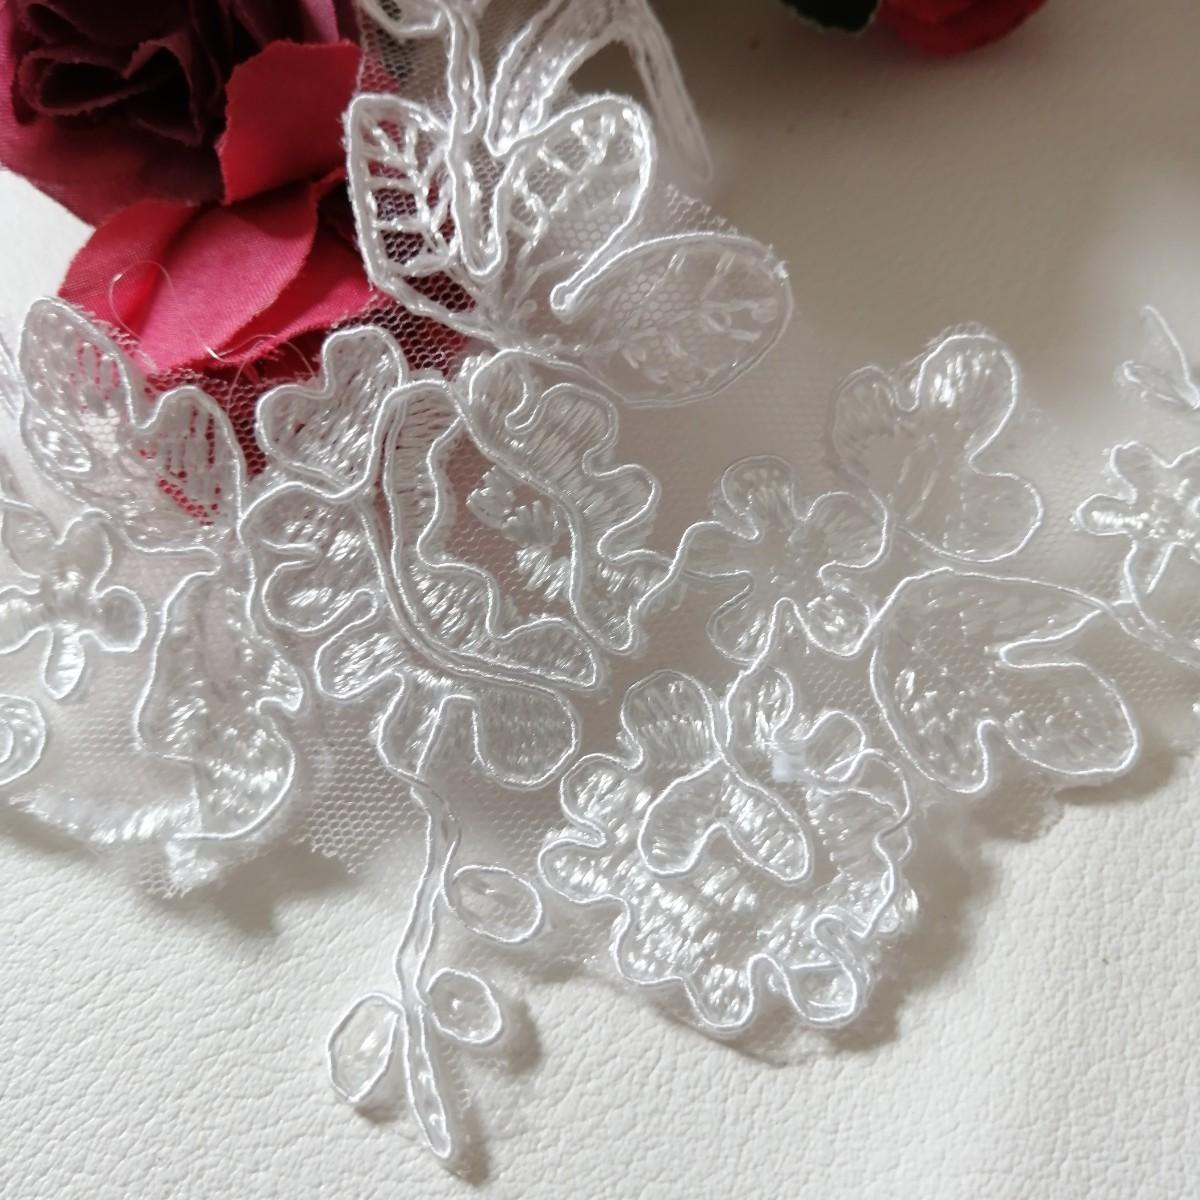 ハンドメイド ワッペン   刺繍 綺麗なワッベン 手作り 花モチーフ 10枚 3